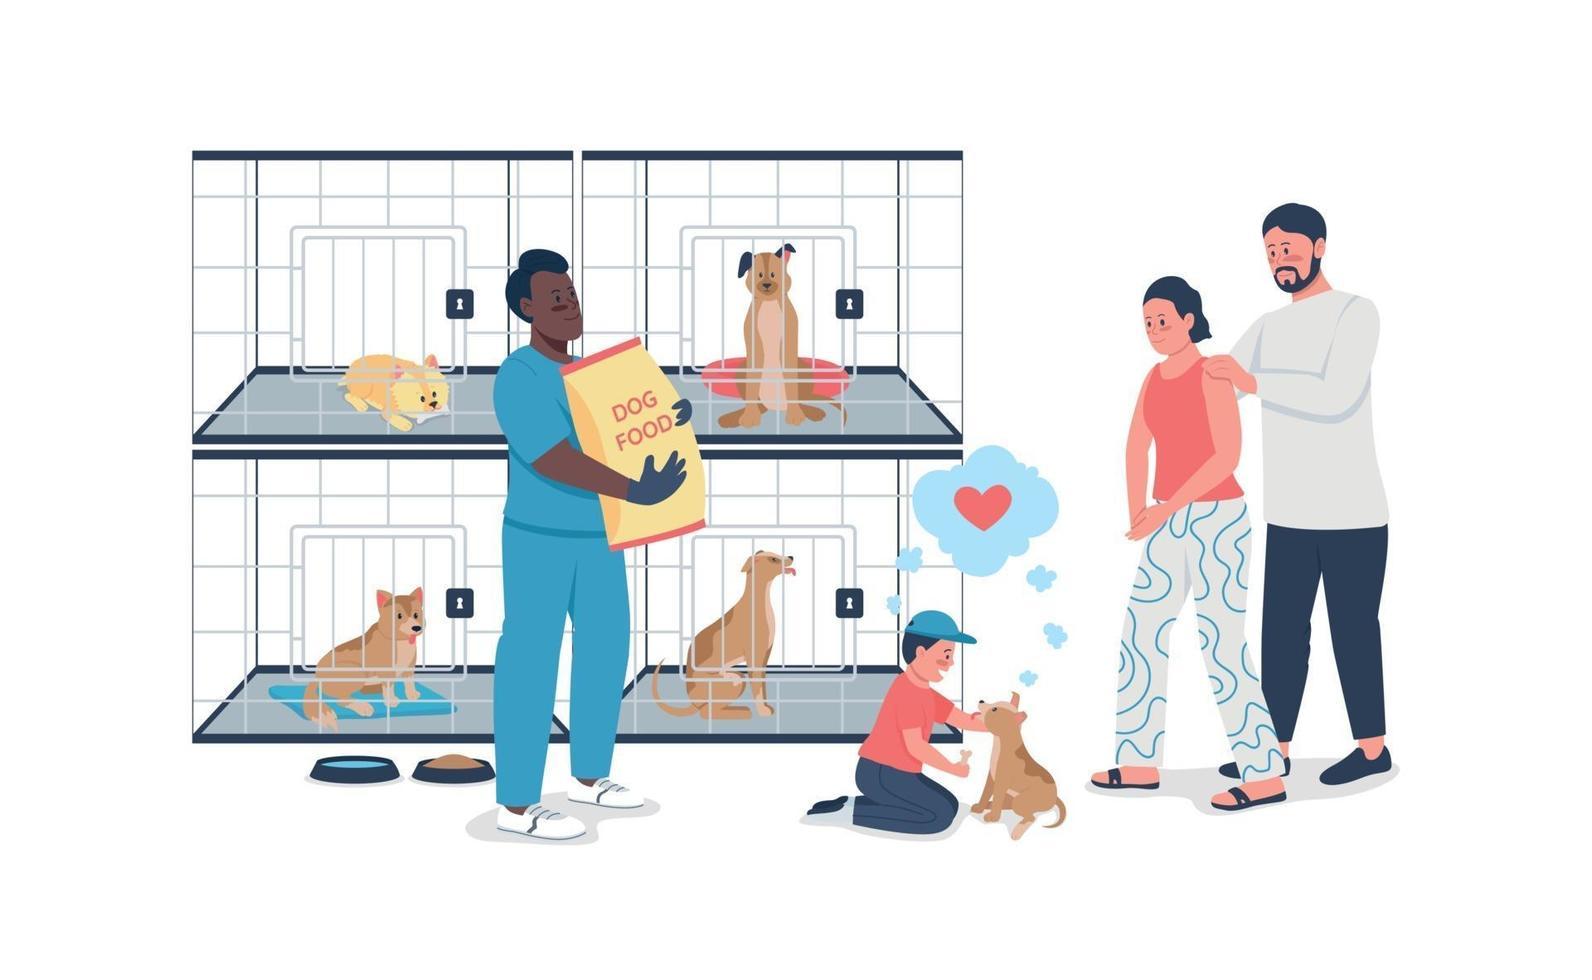 familj anta hund från räddningsskydd platt färg vektor detaljerad karaktär